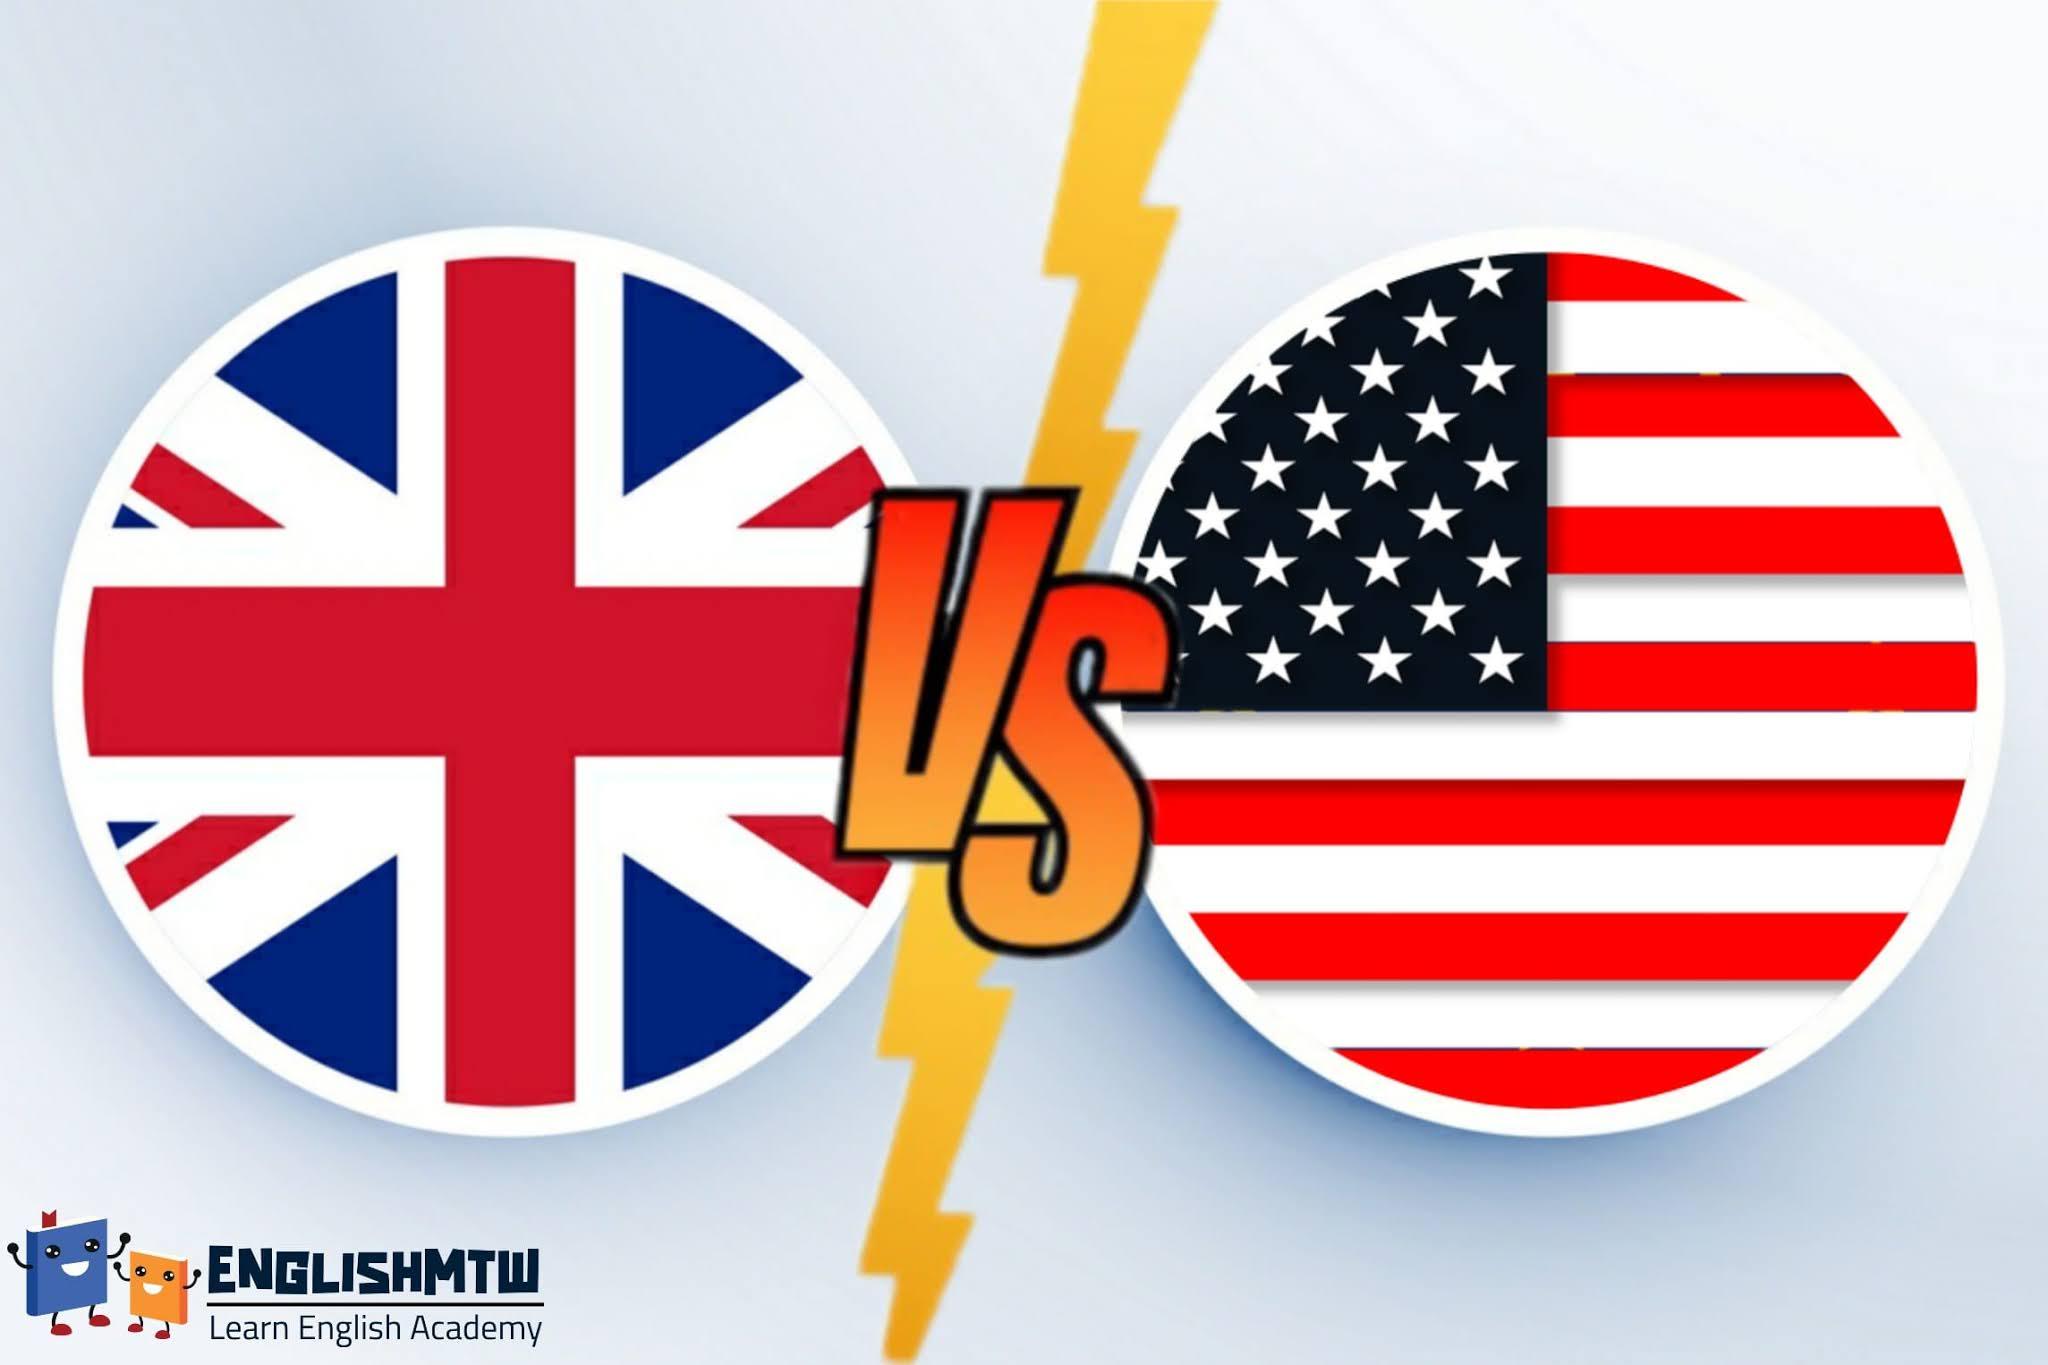 الفرق بين اللغة الإنجليزية الأمريكية والبريطانية